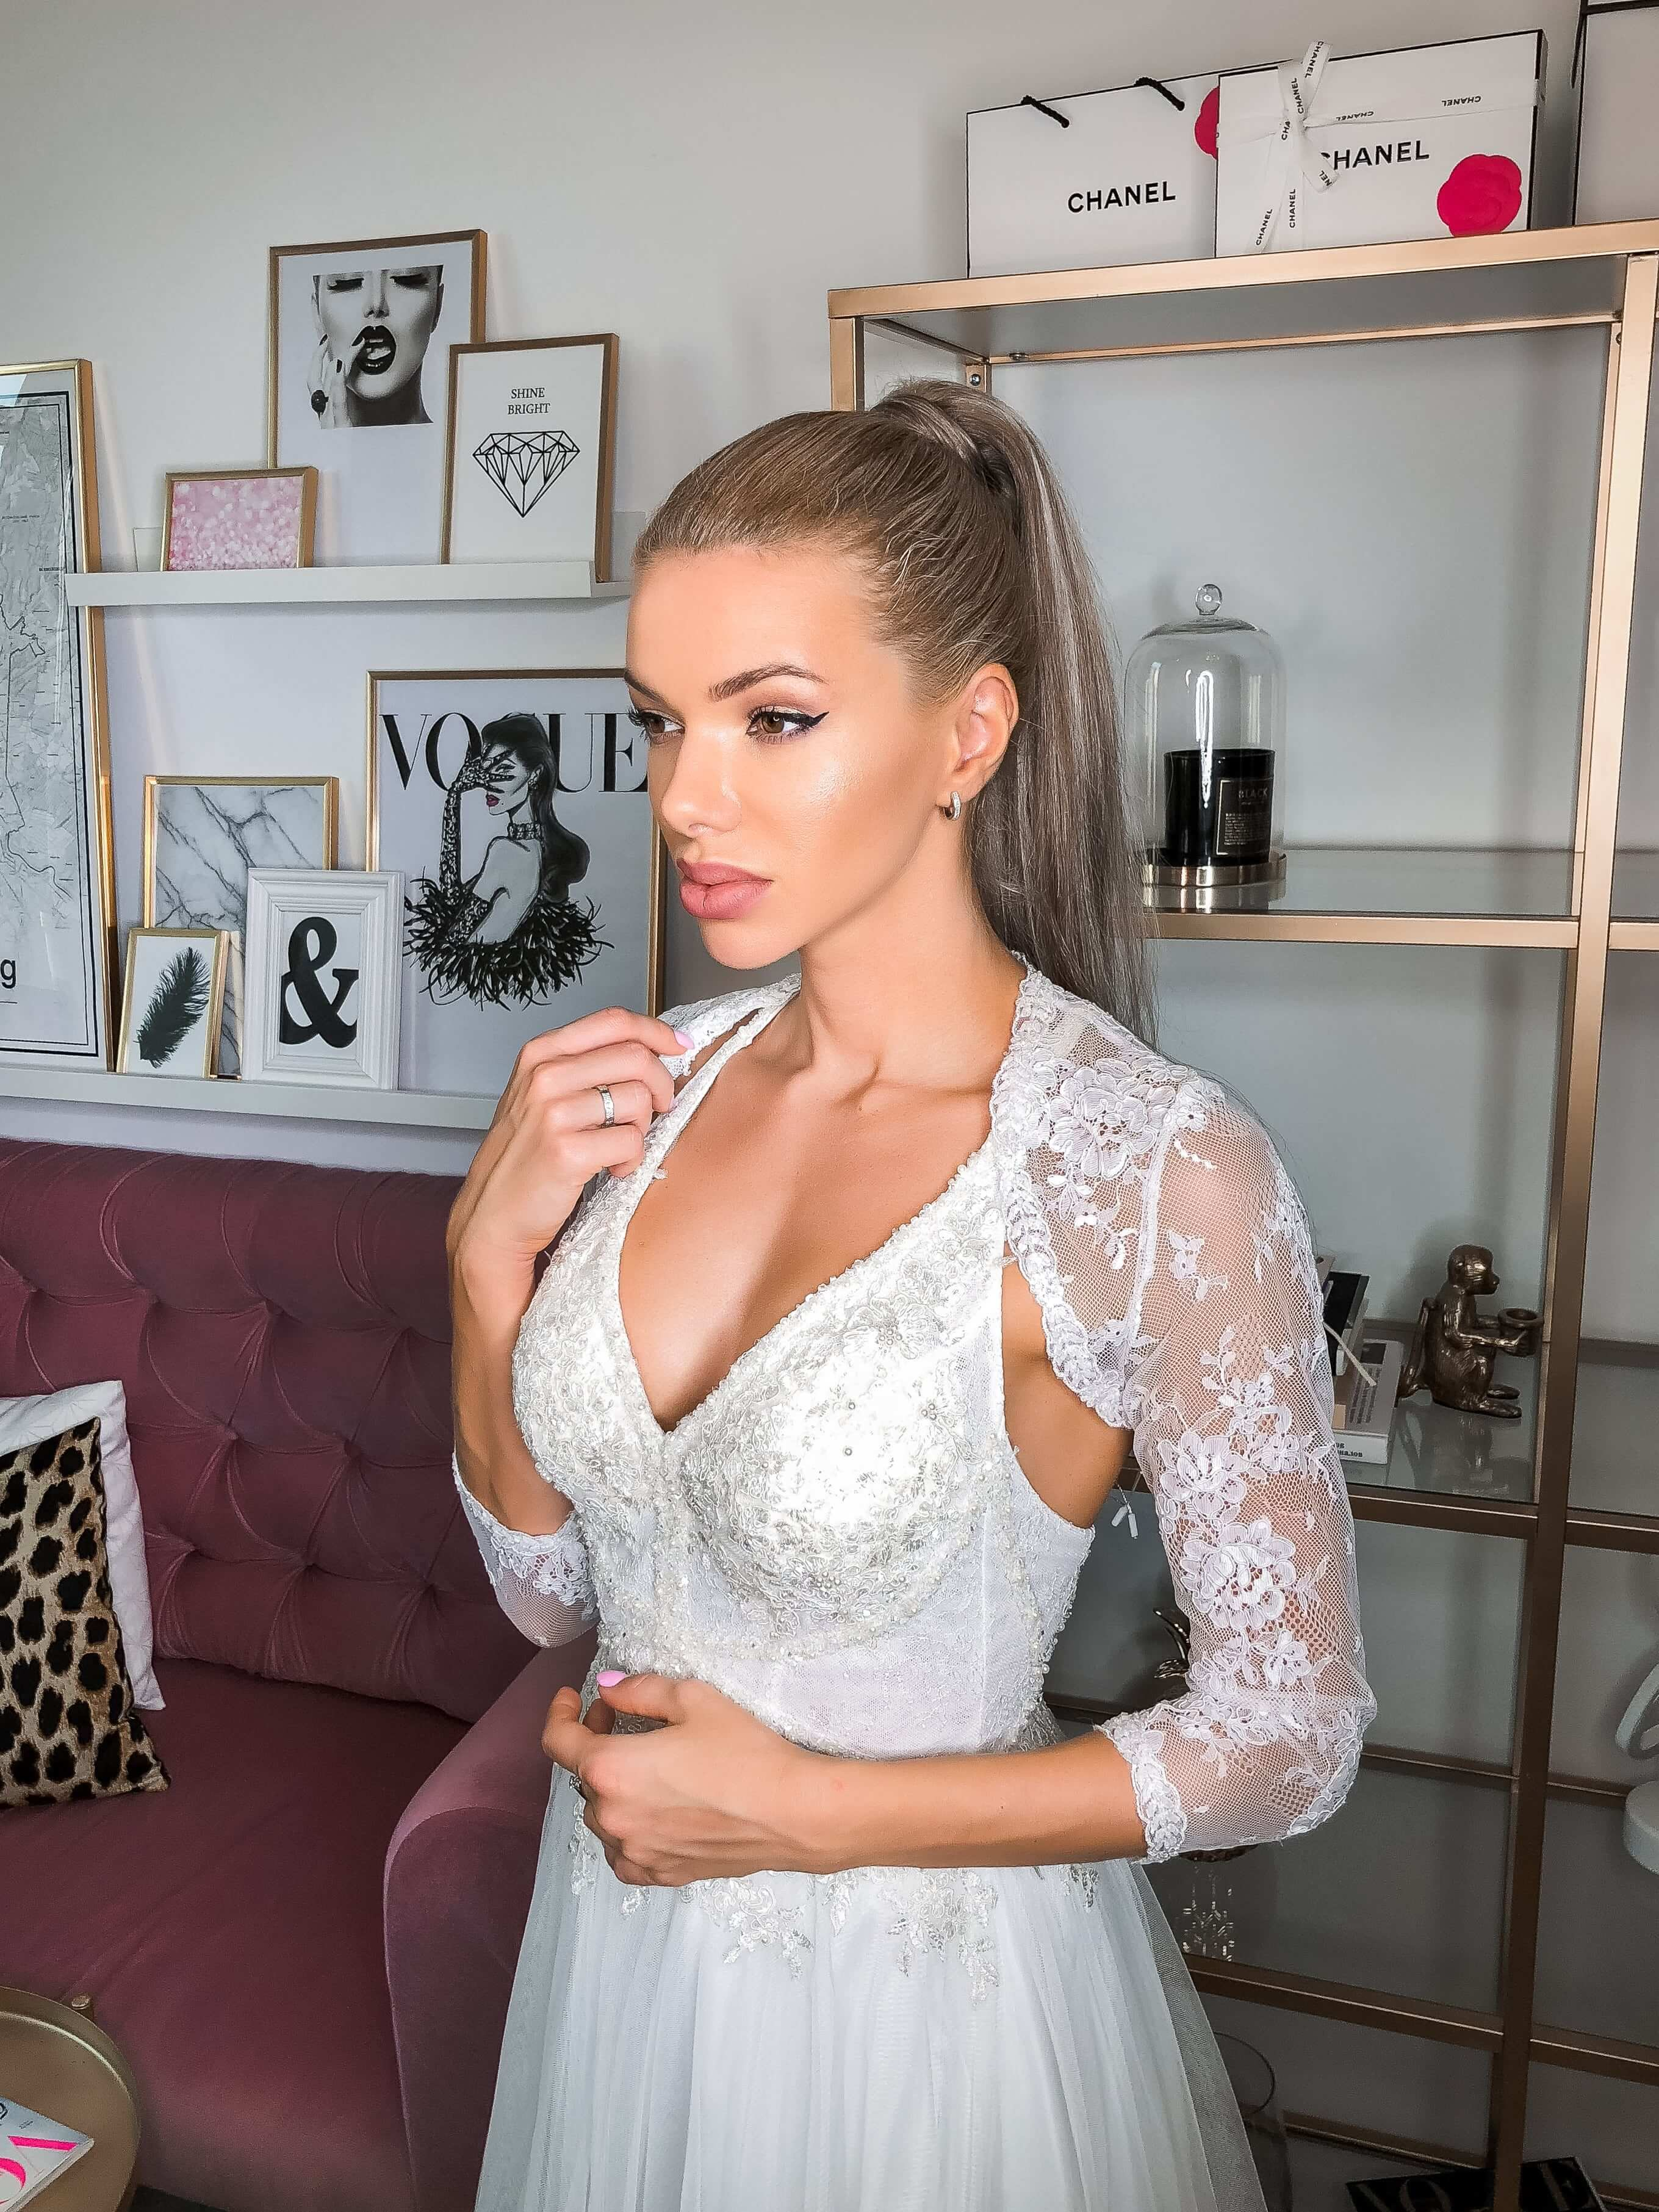 70779887c04 Свадебные аксессуары для невесты в интернет-магазине в Санкт-Петербурге